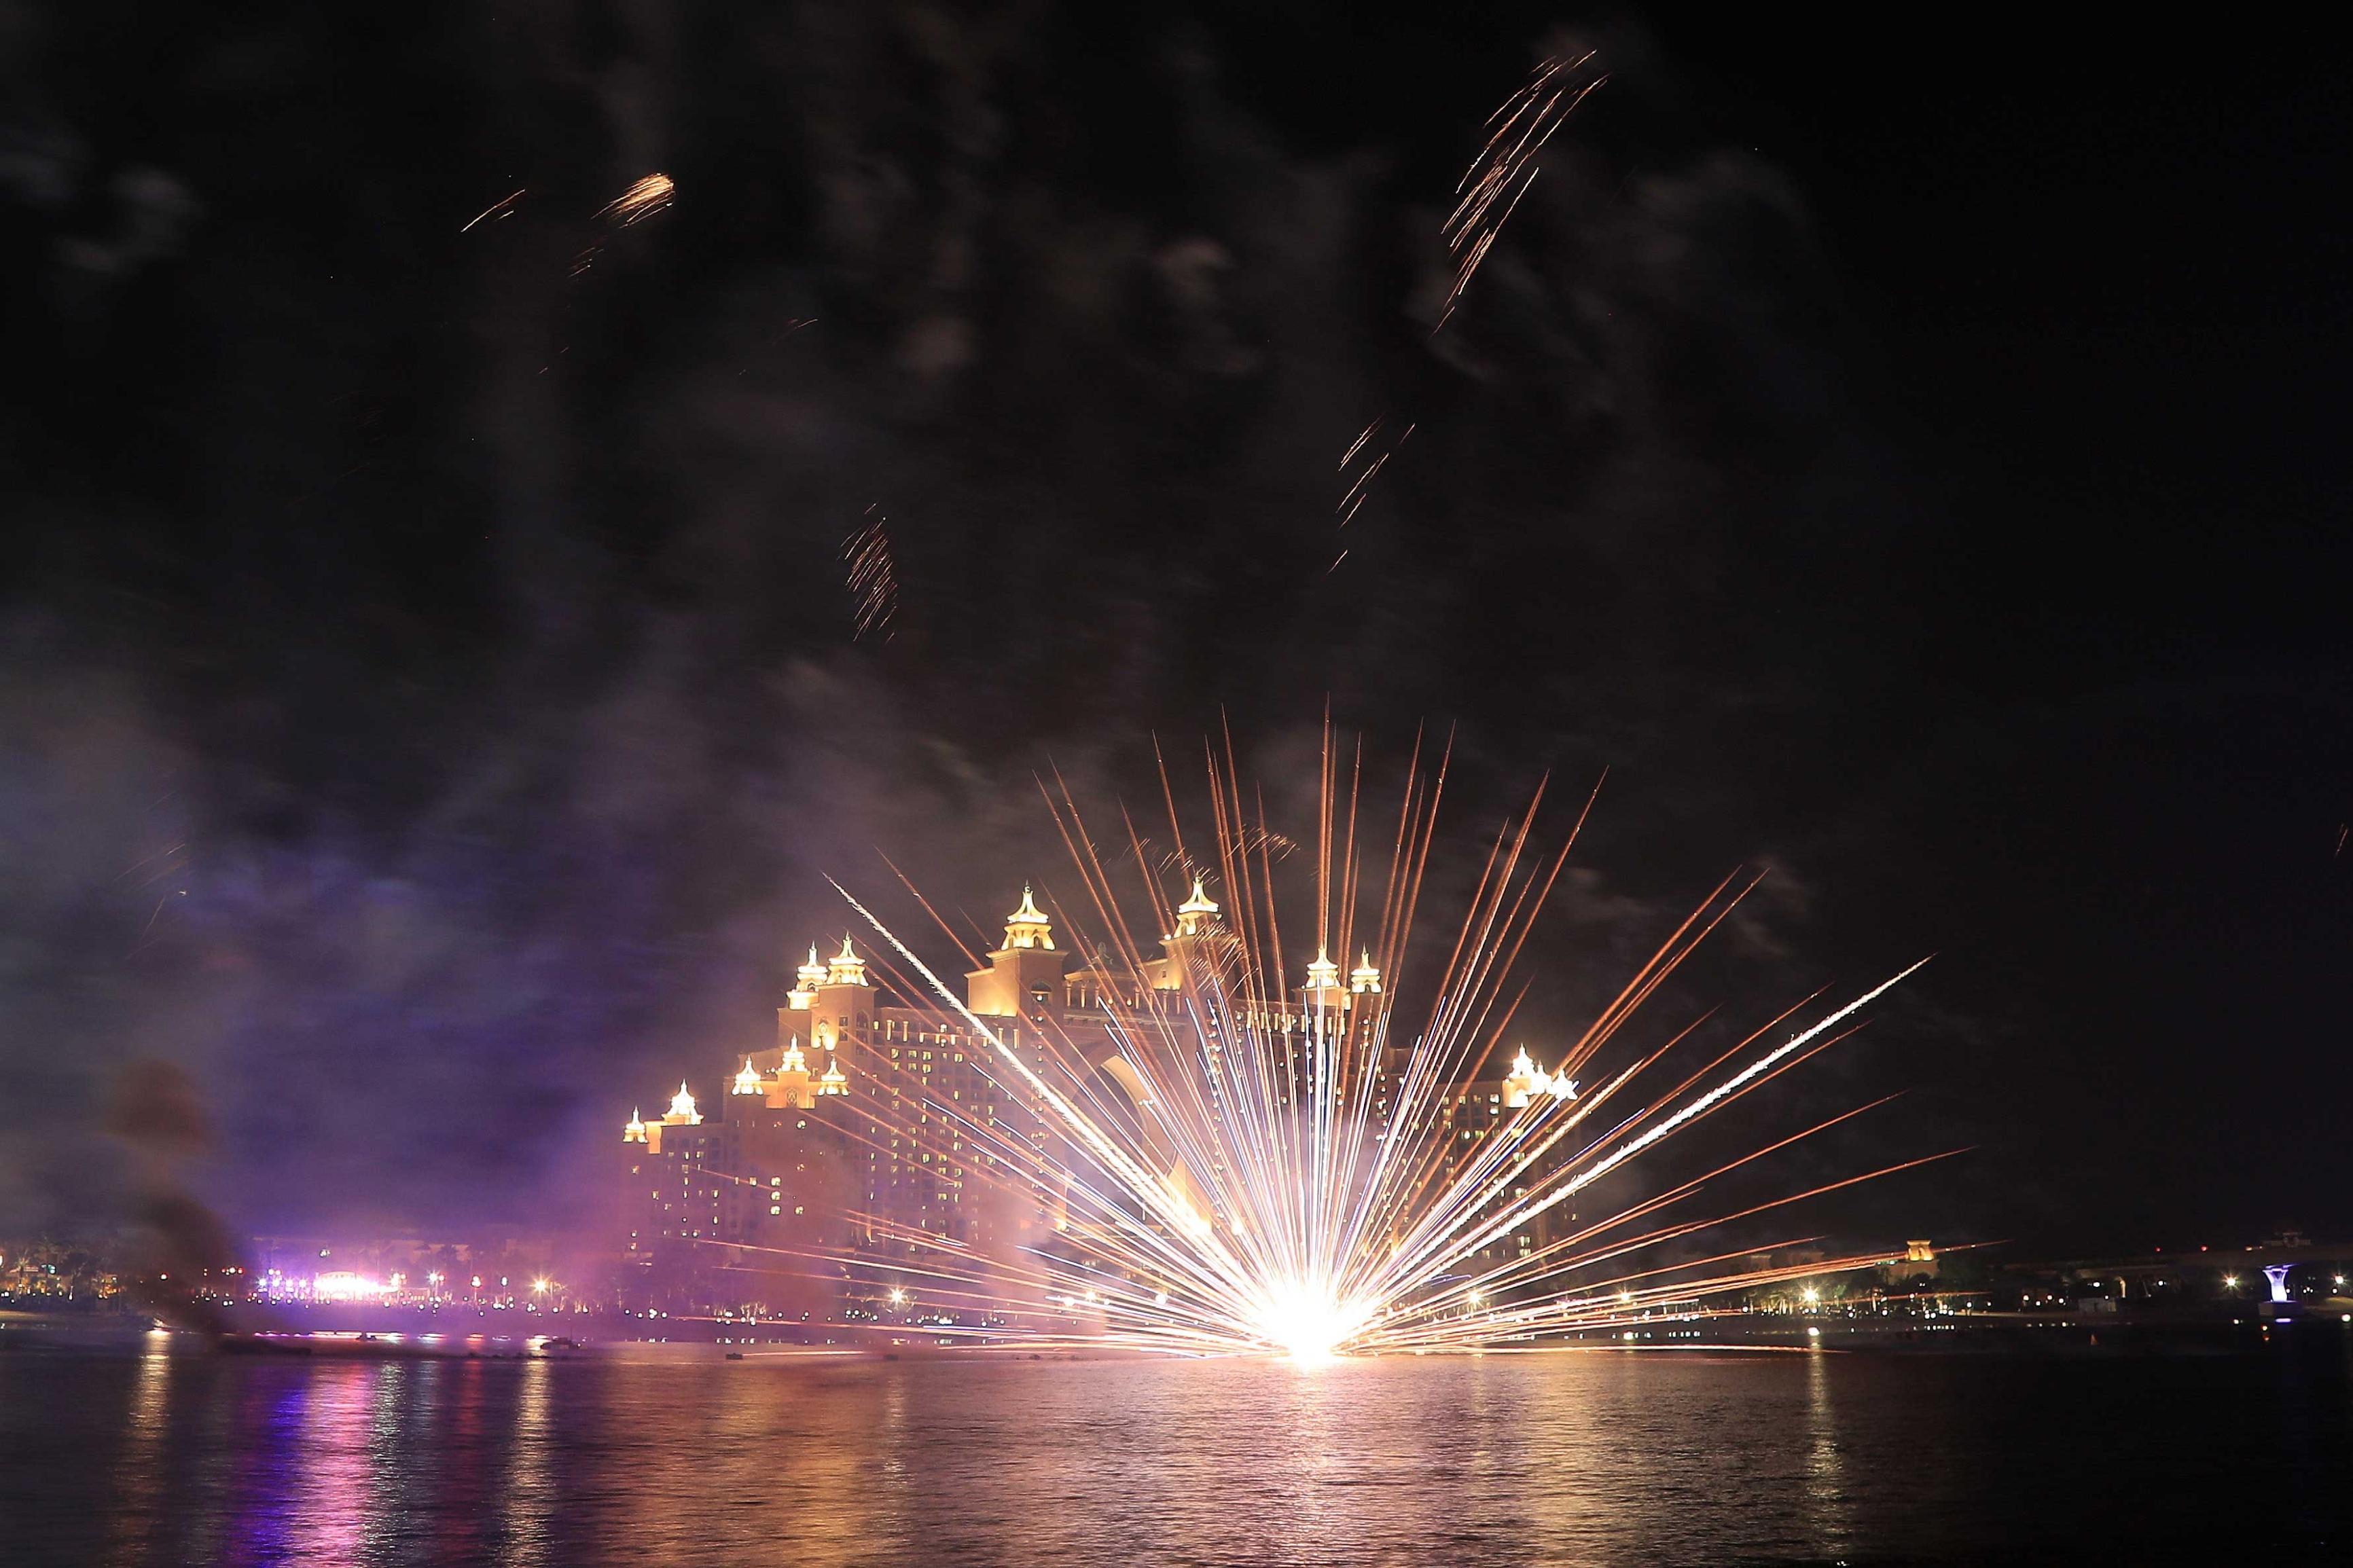 احتفالات رأس السنة في اتلانتيس النخلة - تصوير : عبدالله المطروشي